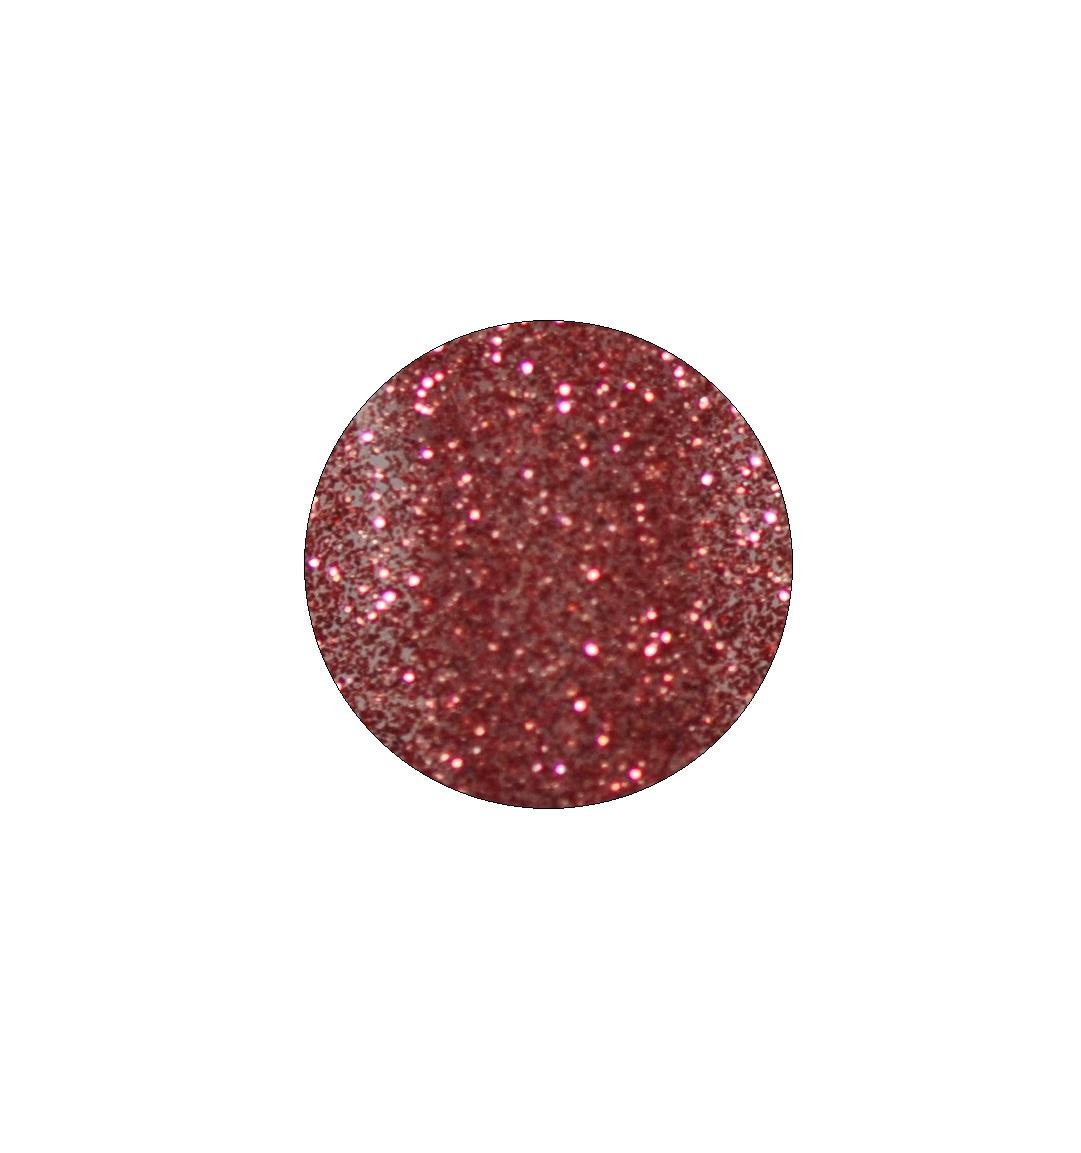 FLOWTY GEL(フローティジェル) Fuchsia Glitter